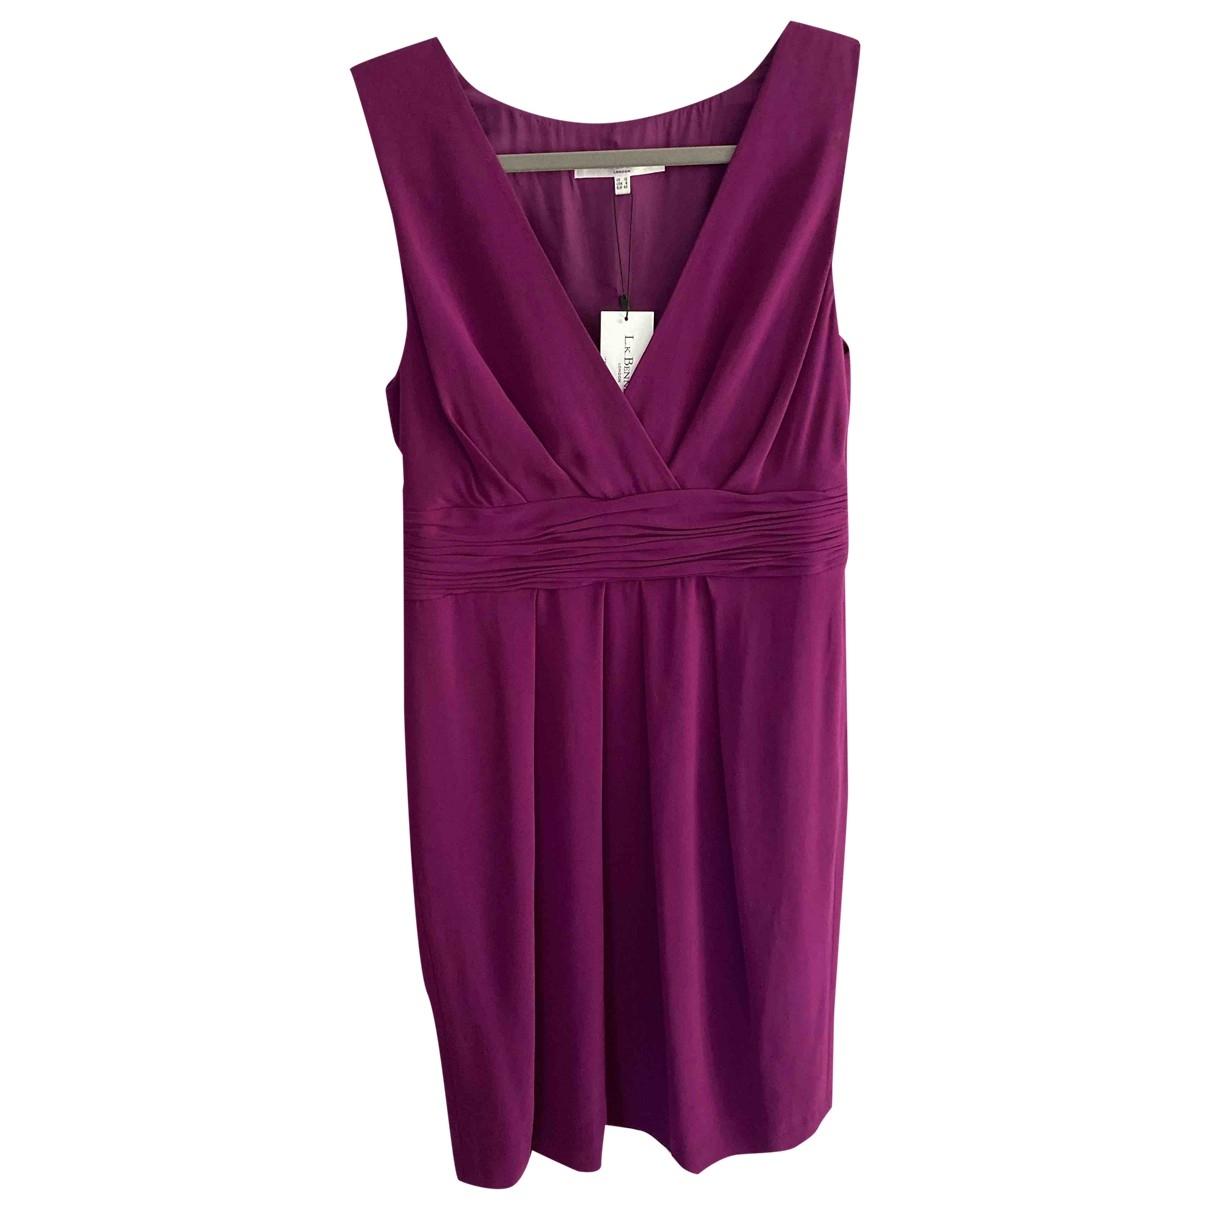 Lk Bennett \N Pink dress for Women 12 UK